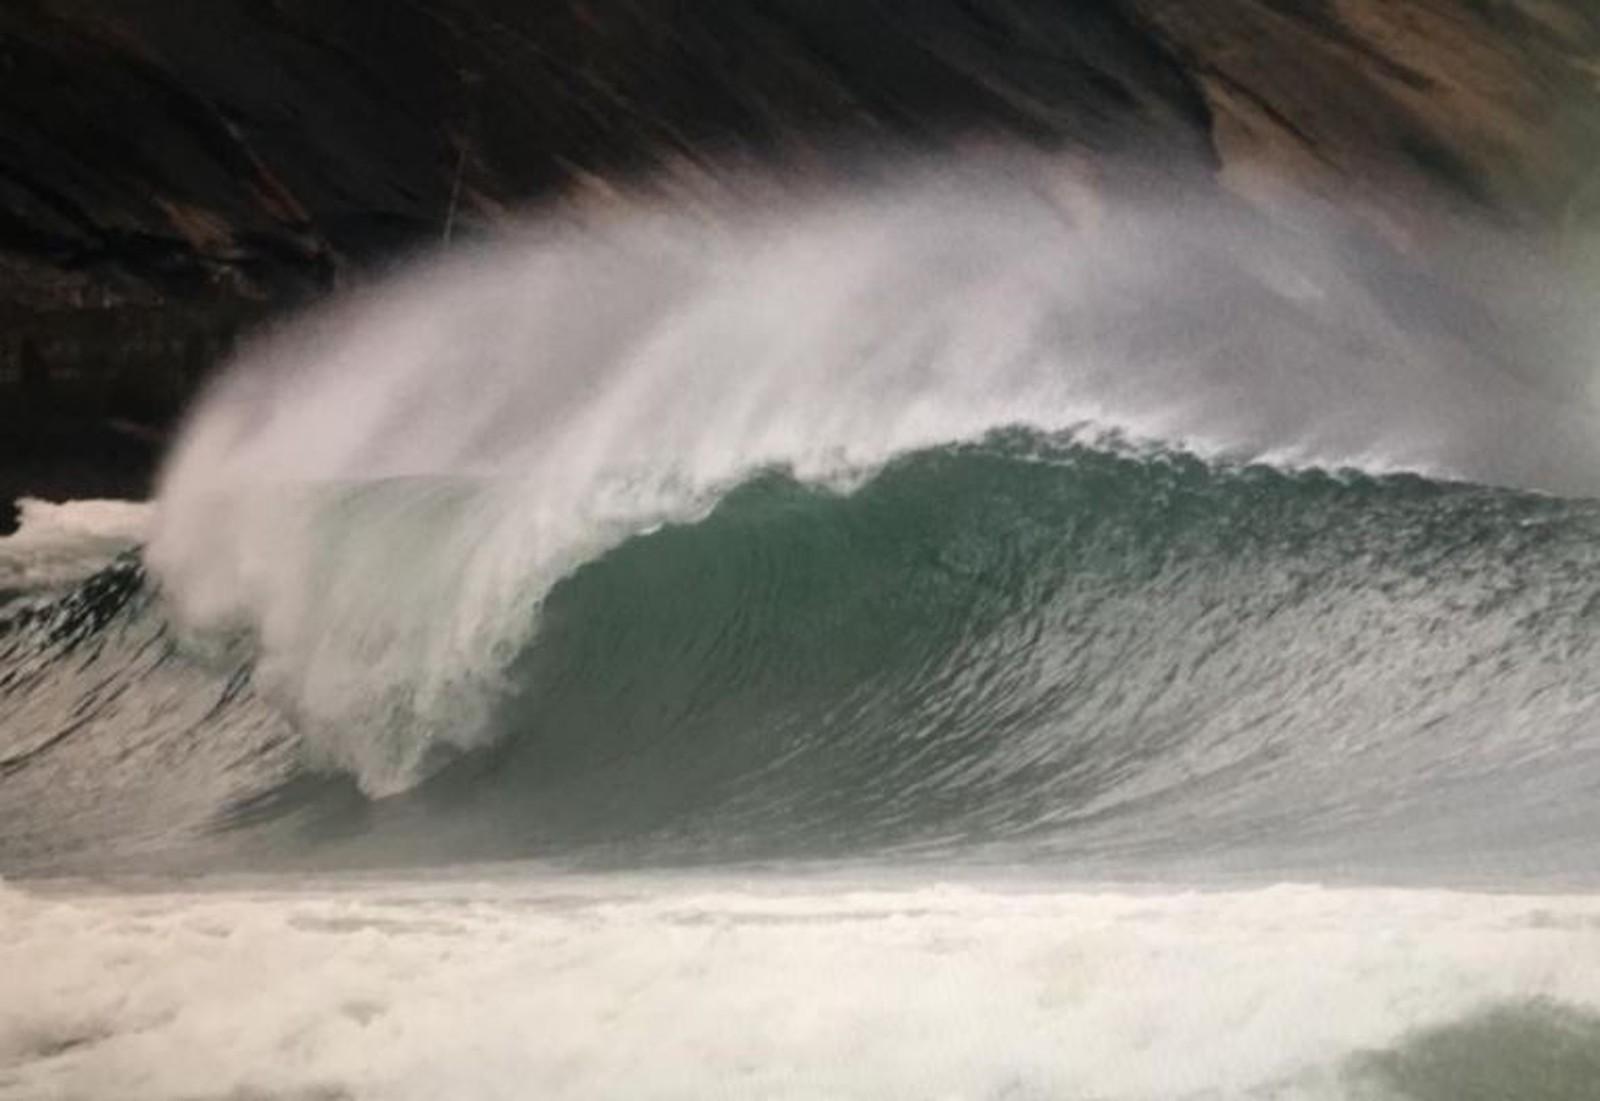 Marinha emite alerta de vento de mais de 70 km/h no litoral norte de SP - Notícias - Plantão Diário